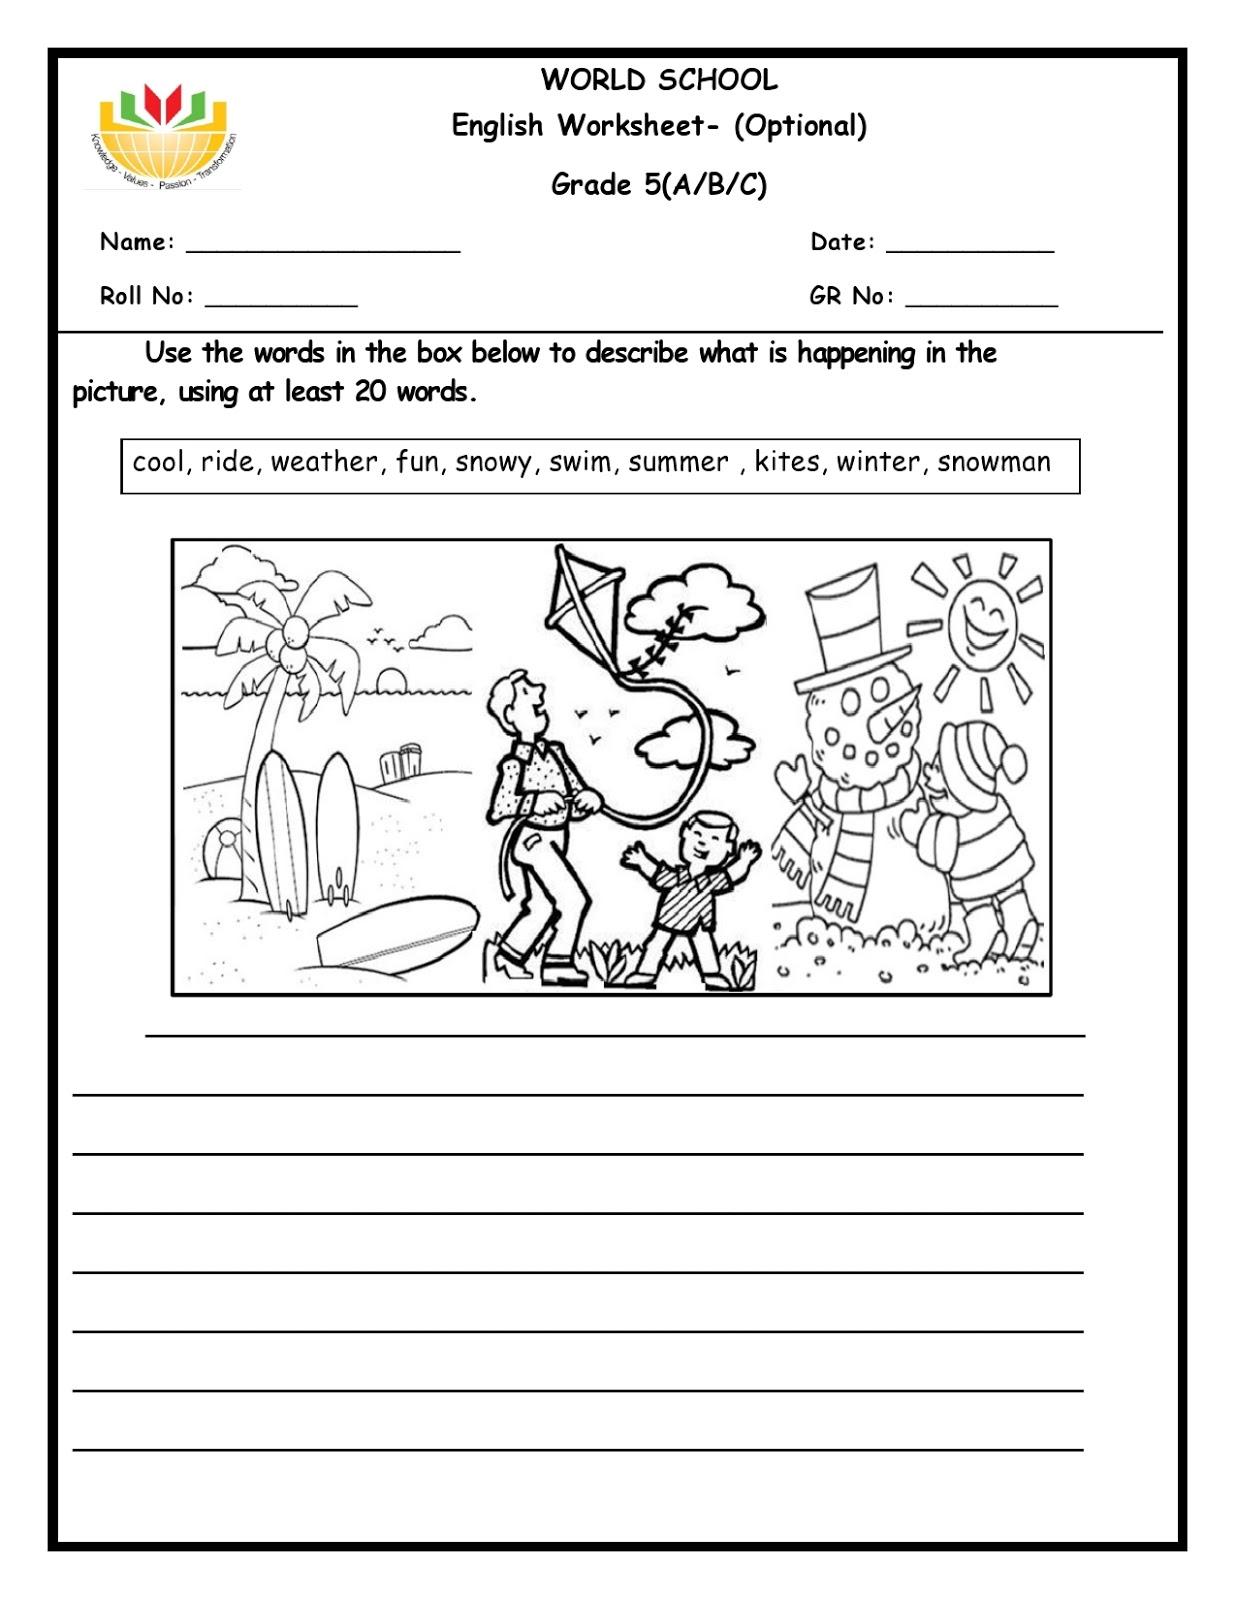 medium resolution of WORLD SCHOOL OMAN: Homework for Grade 5 as on 03/03/2020